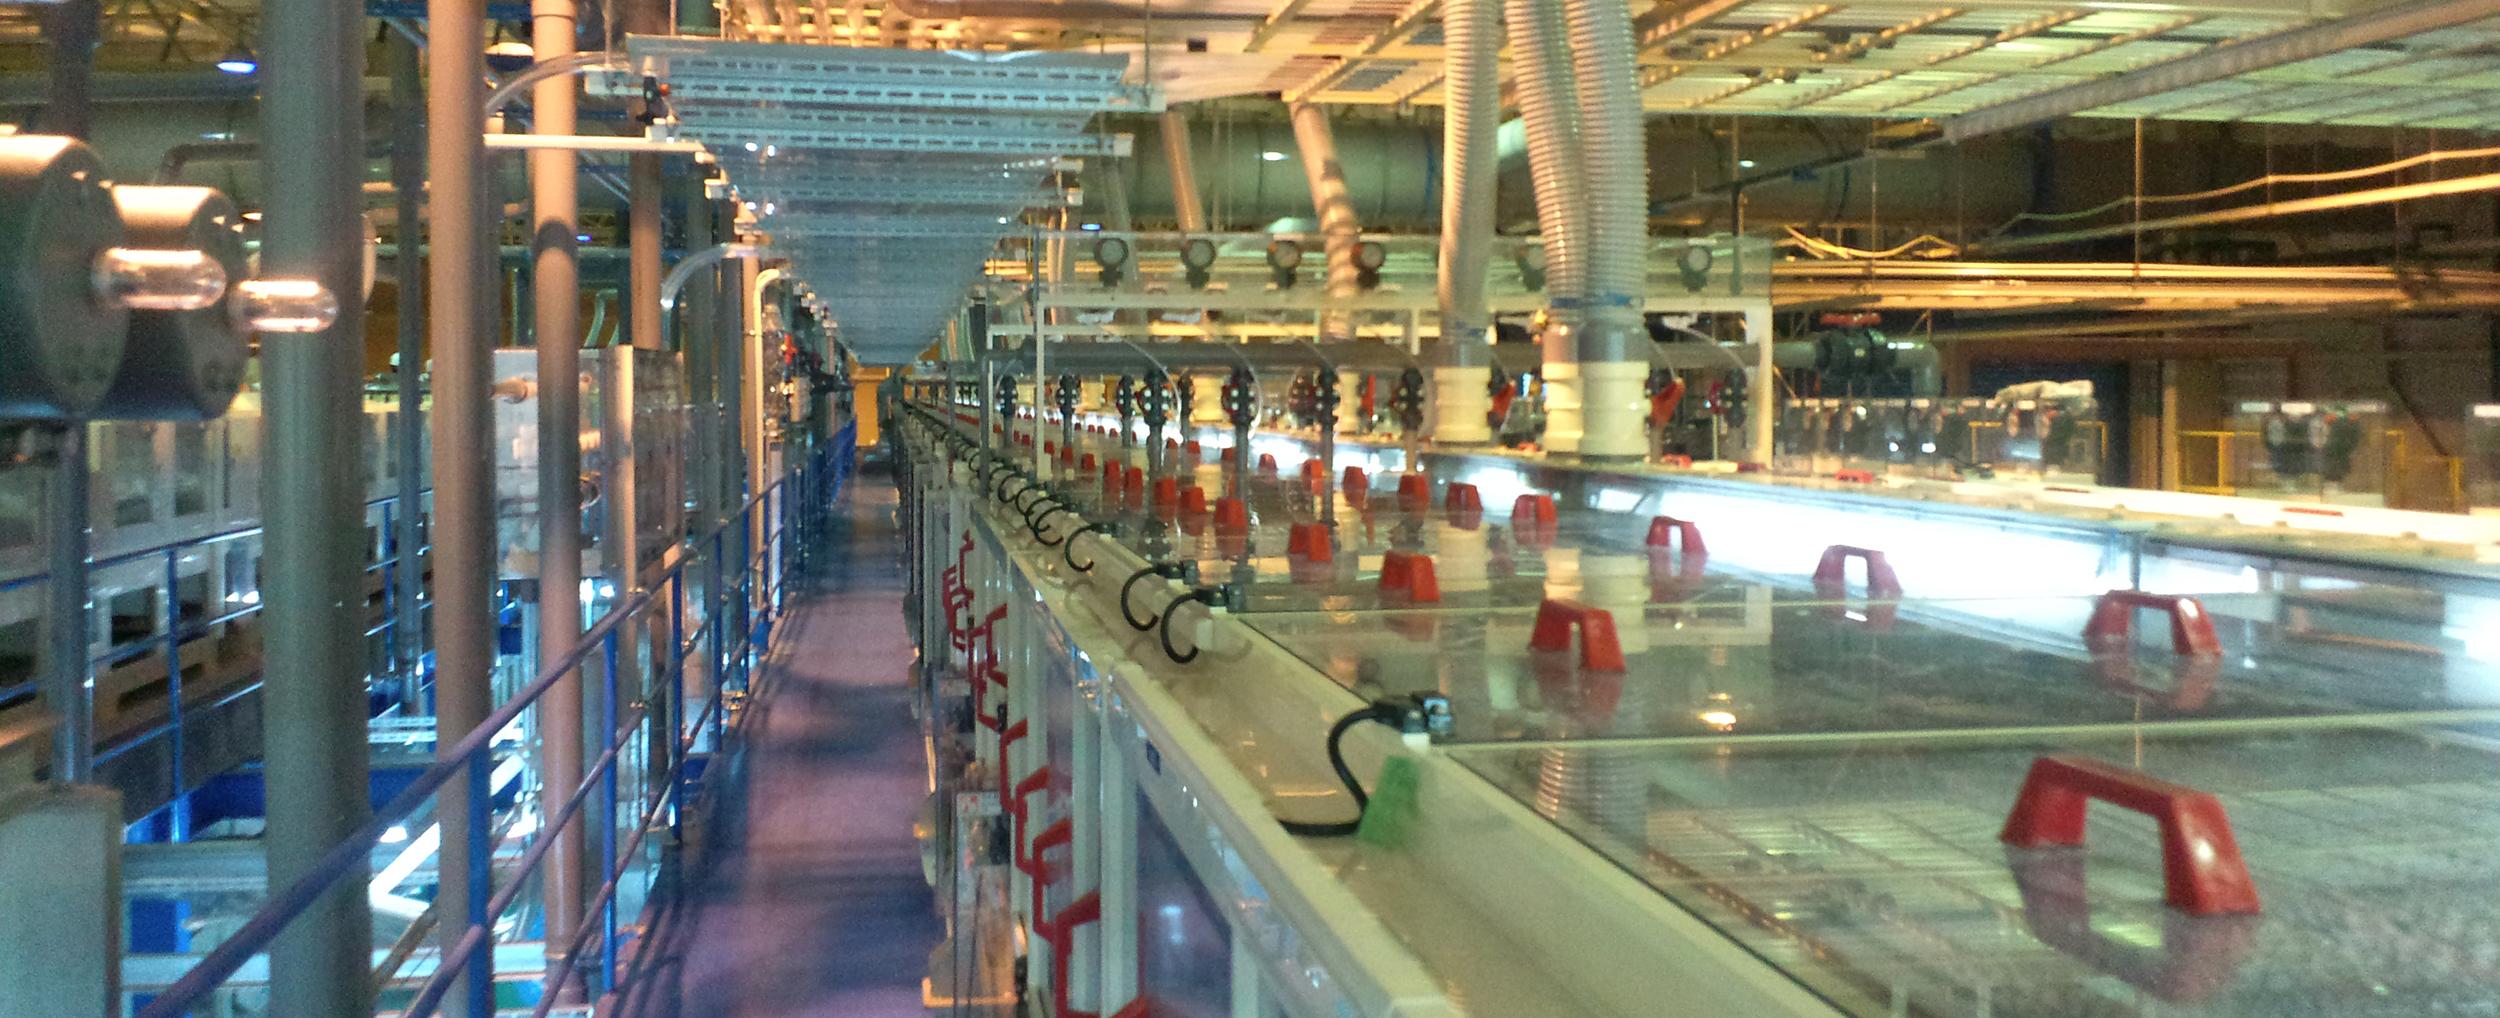 世界初の独自技術による研磨で 中小型液晶のスリミング国内シェアNo.1